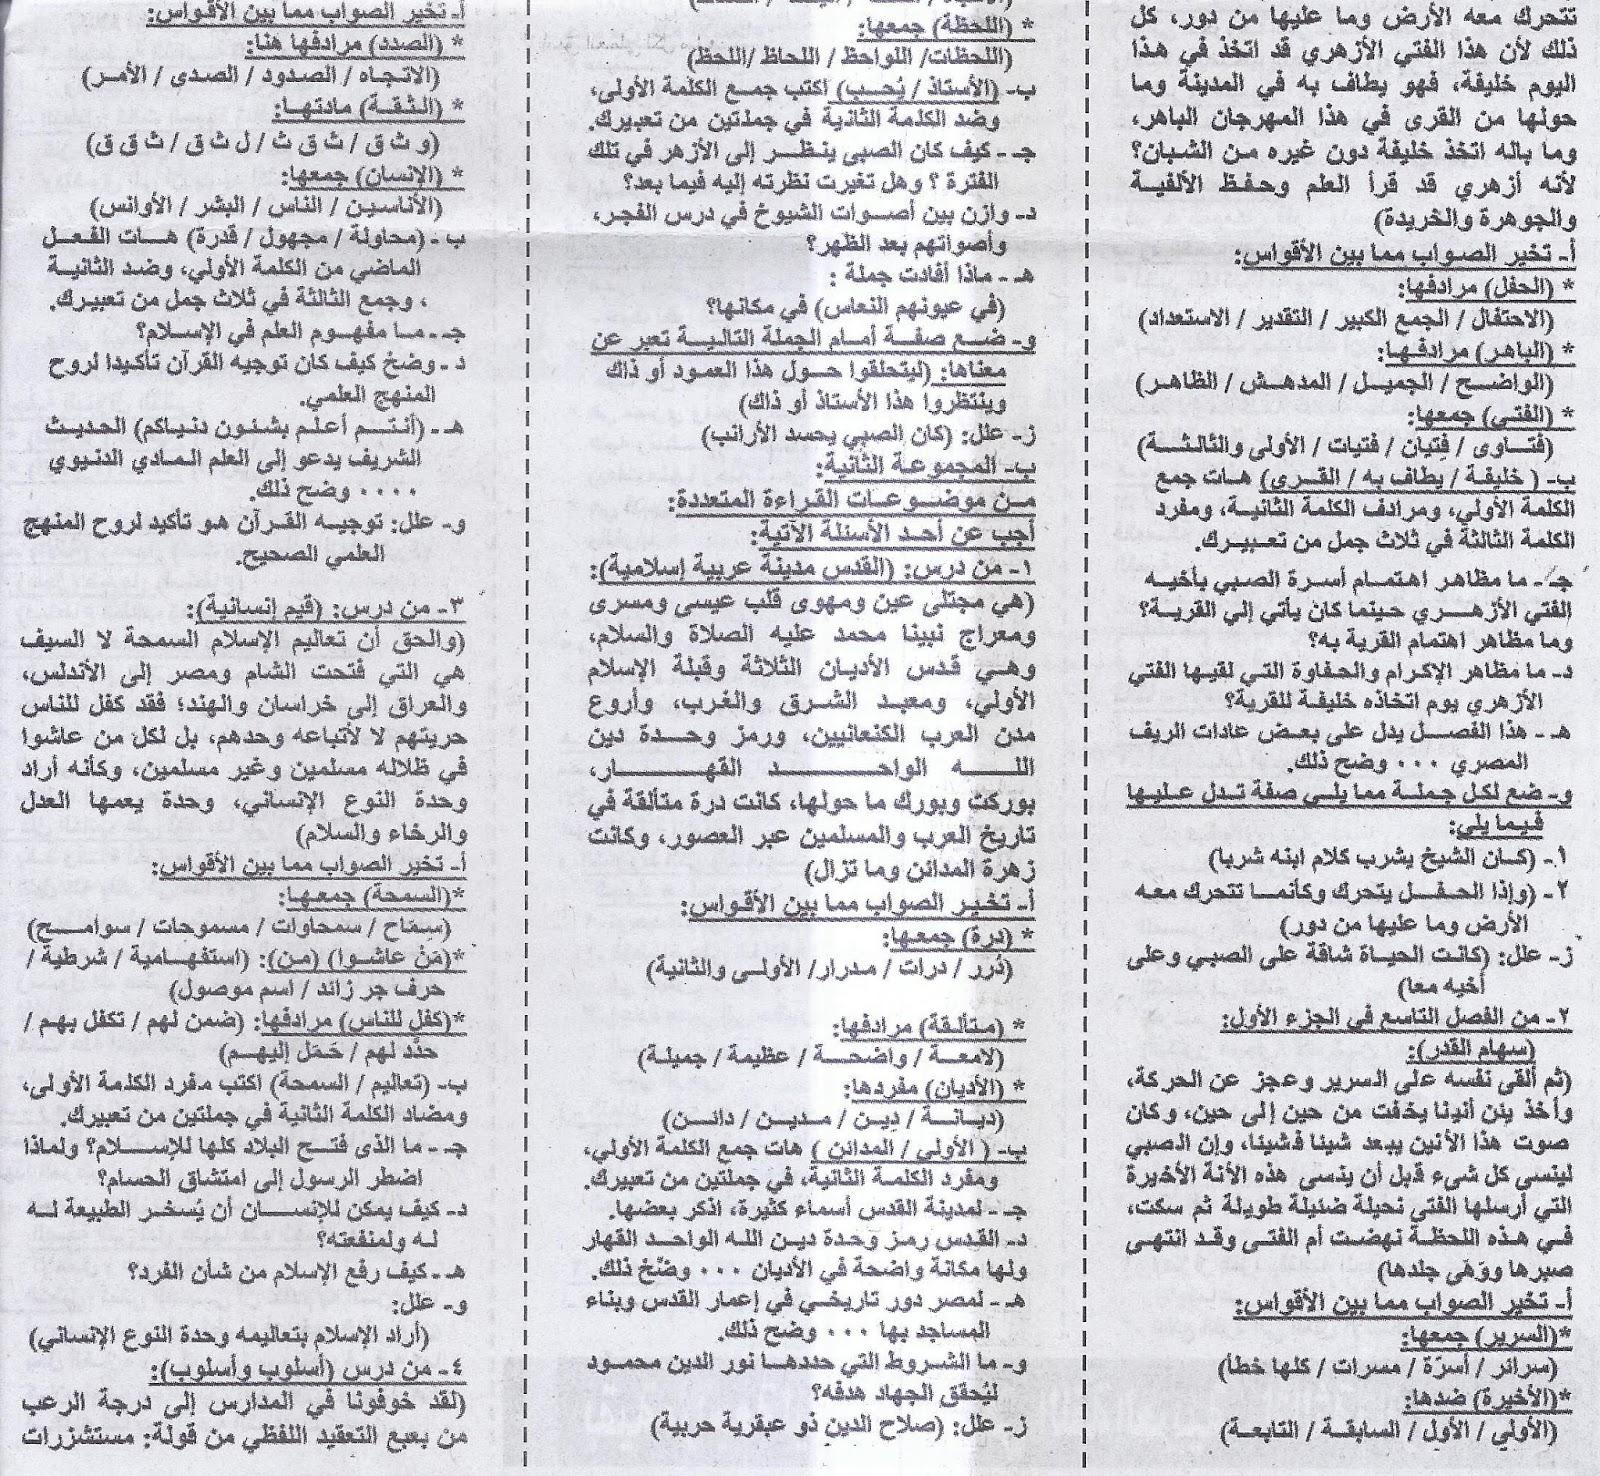 ملحق الجمهورية .. ينشر المراجعة الاخيرة لغة عربية للثانوية العامة 2016 9